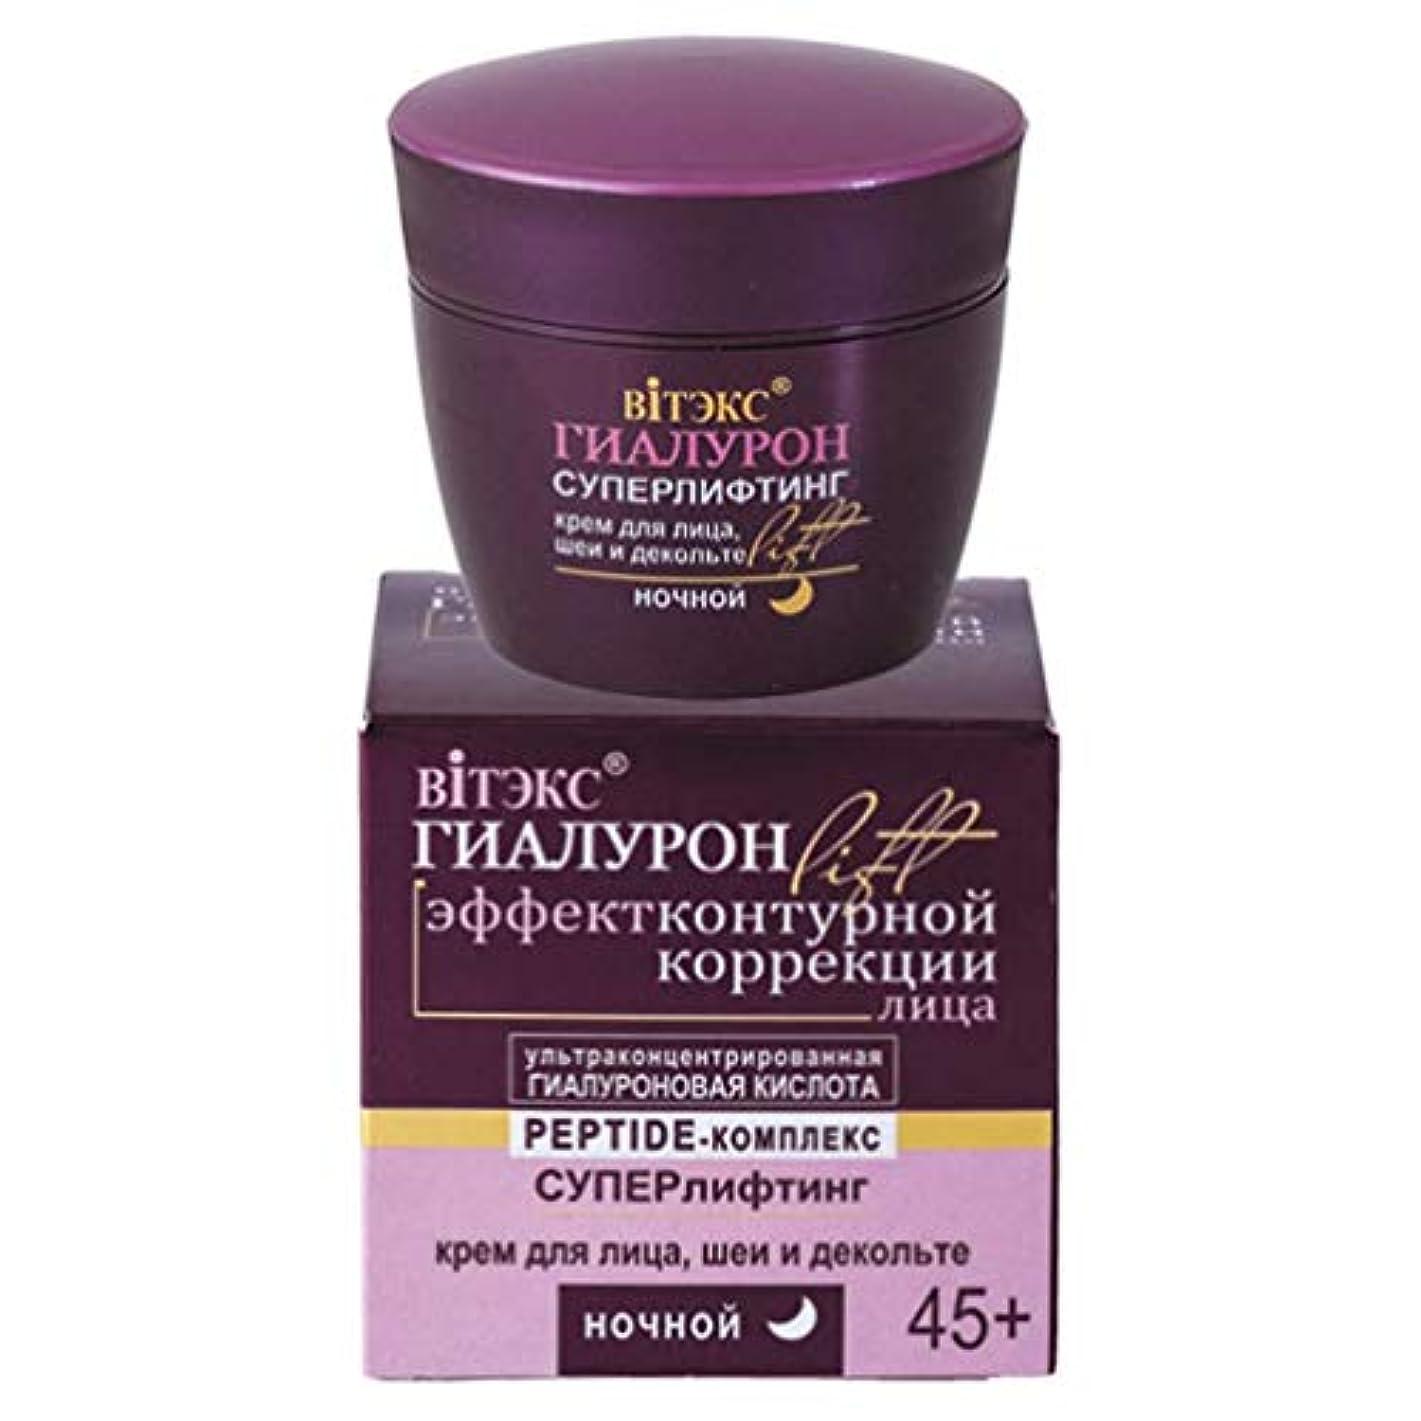 リファイン保険定数Bielita & Vitex | Hyaluron LIFT | Superlifting NIGHT Cream For Face, Neck and Decollete | Ultra Concentrated Hyaluronic...